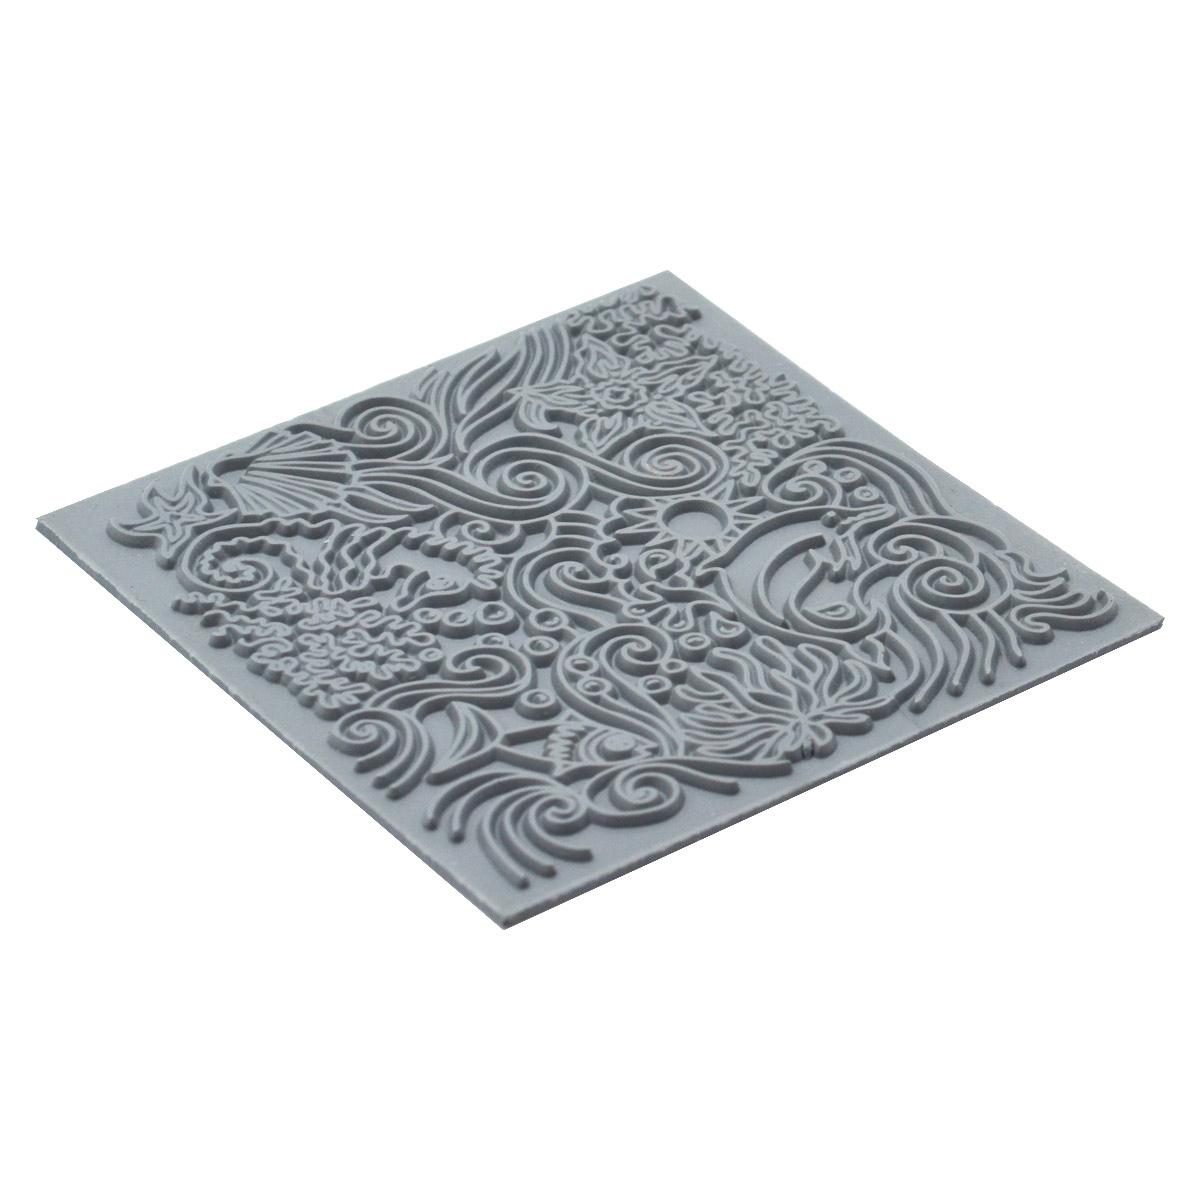 CE95021 Текстура для пластики резиновая 'Под водой', 9х9 см. Cernit